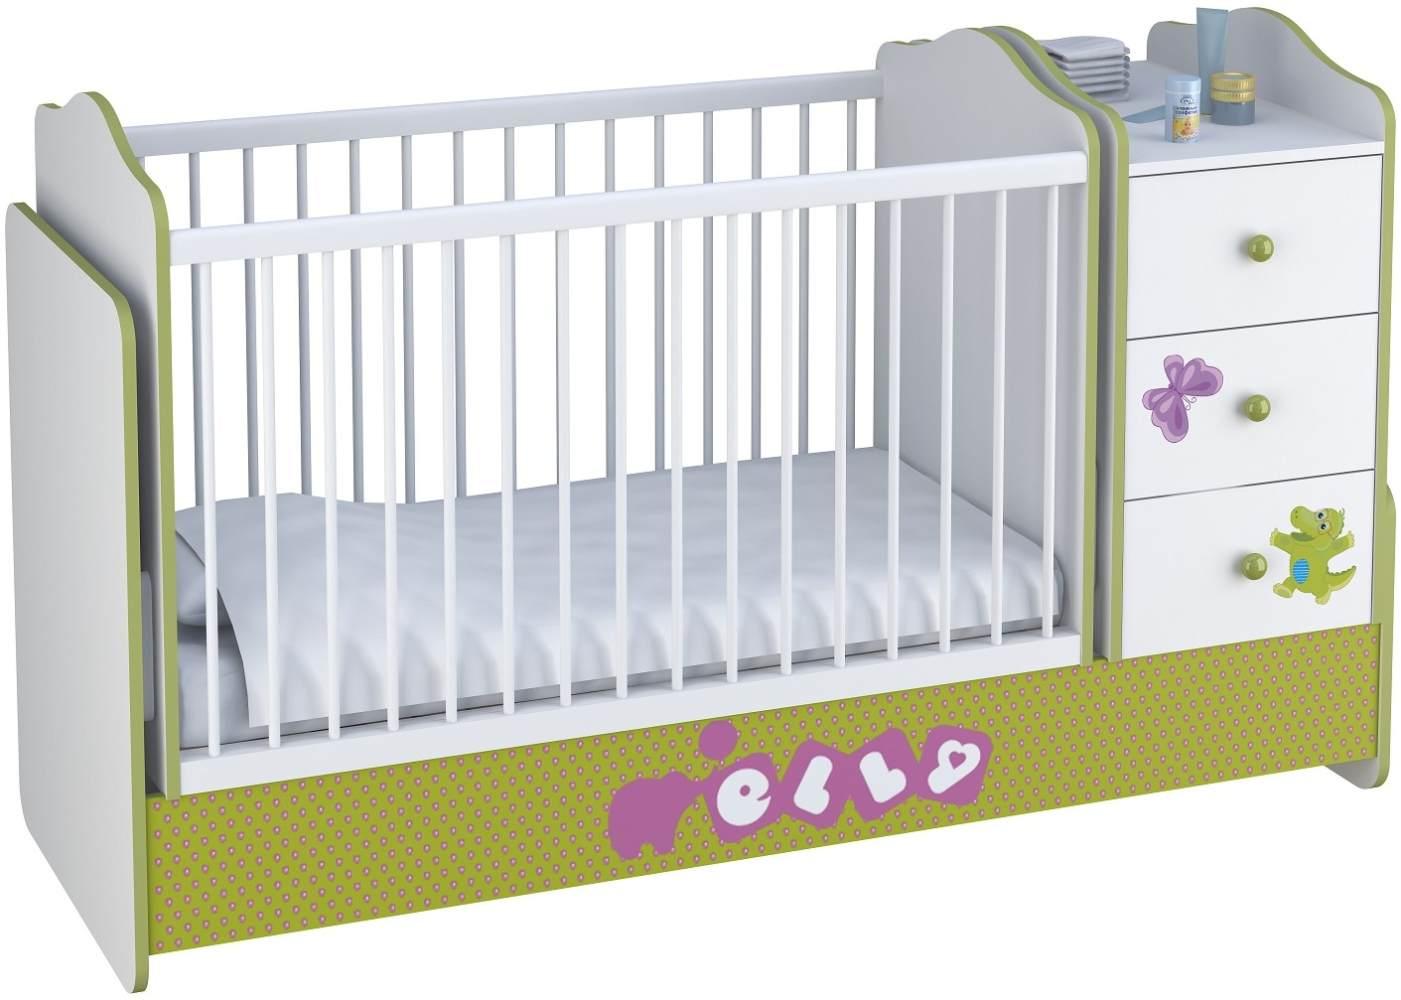 Polini Kids Kombi-Kinderbett Basic mit Kommode weiß grün Elly Bild 1